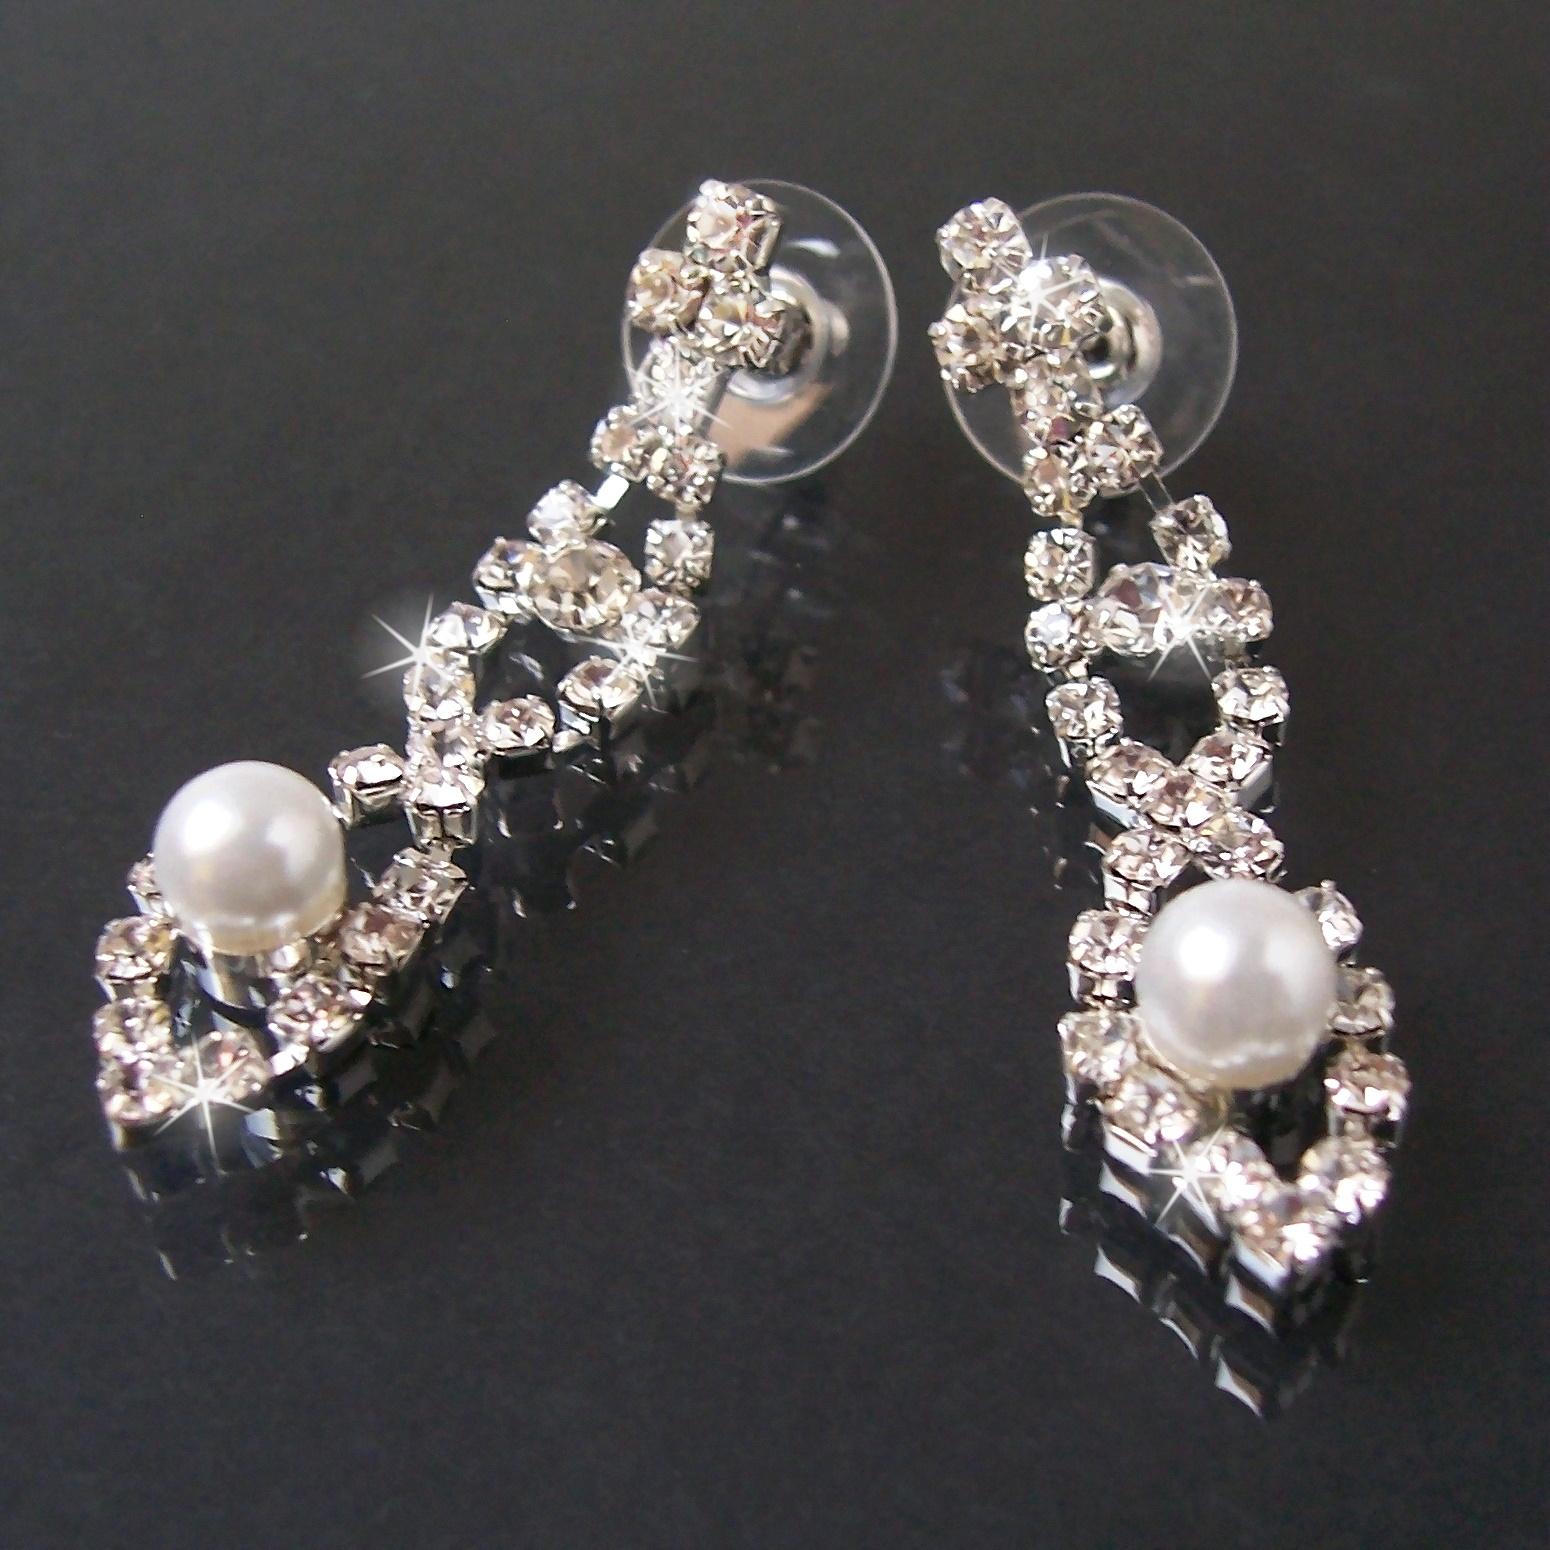 Stern Perlen Silber Eiskristall Metall Weiß Weihnachten: Collier Kette 41-55cm Ohrringe Perlen Weiß Silber